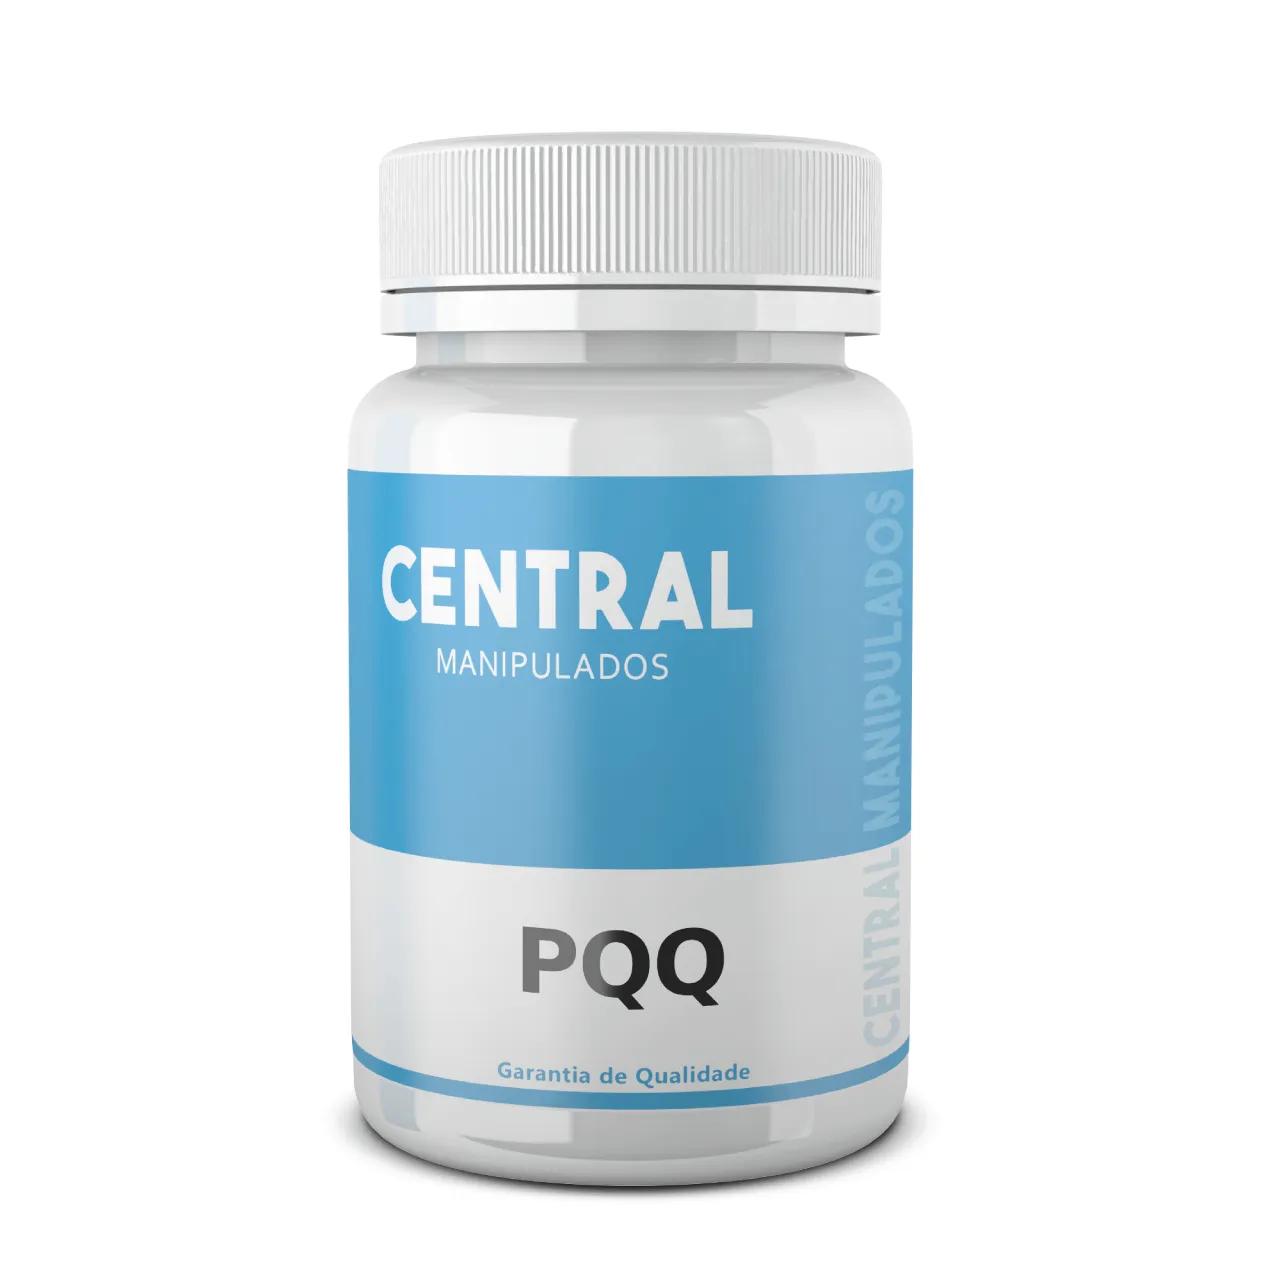 PQQ 10mg - 60 Cápsulas - Potente Antioxidante, Anti Envelhecimento, Combate o Aparecimento de Cabelos Brancos